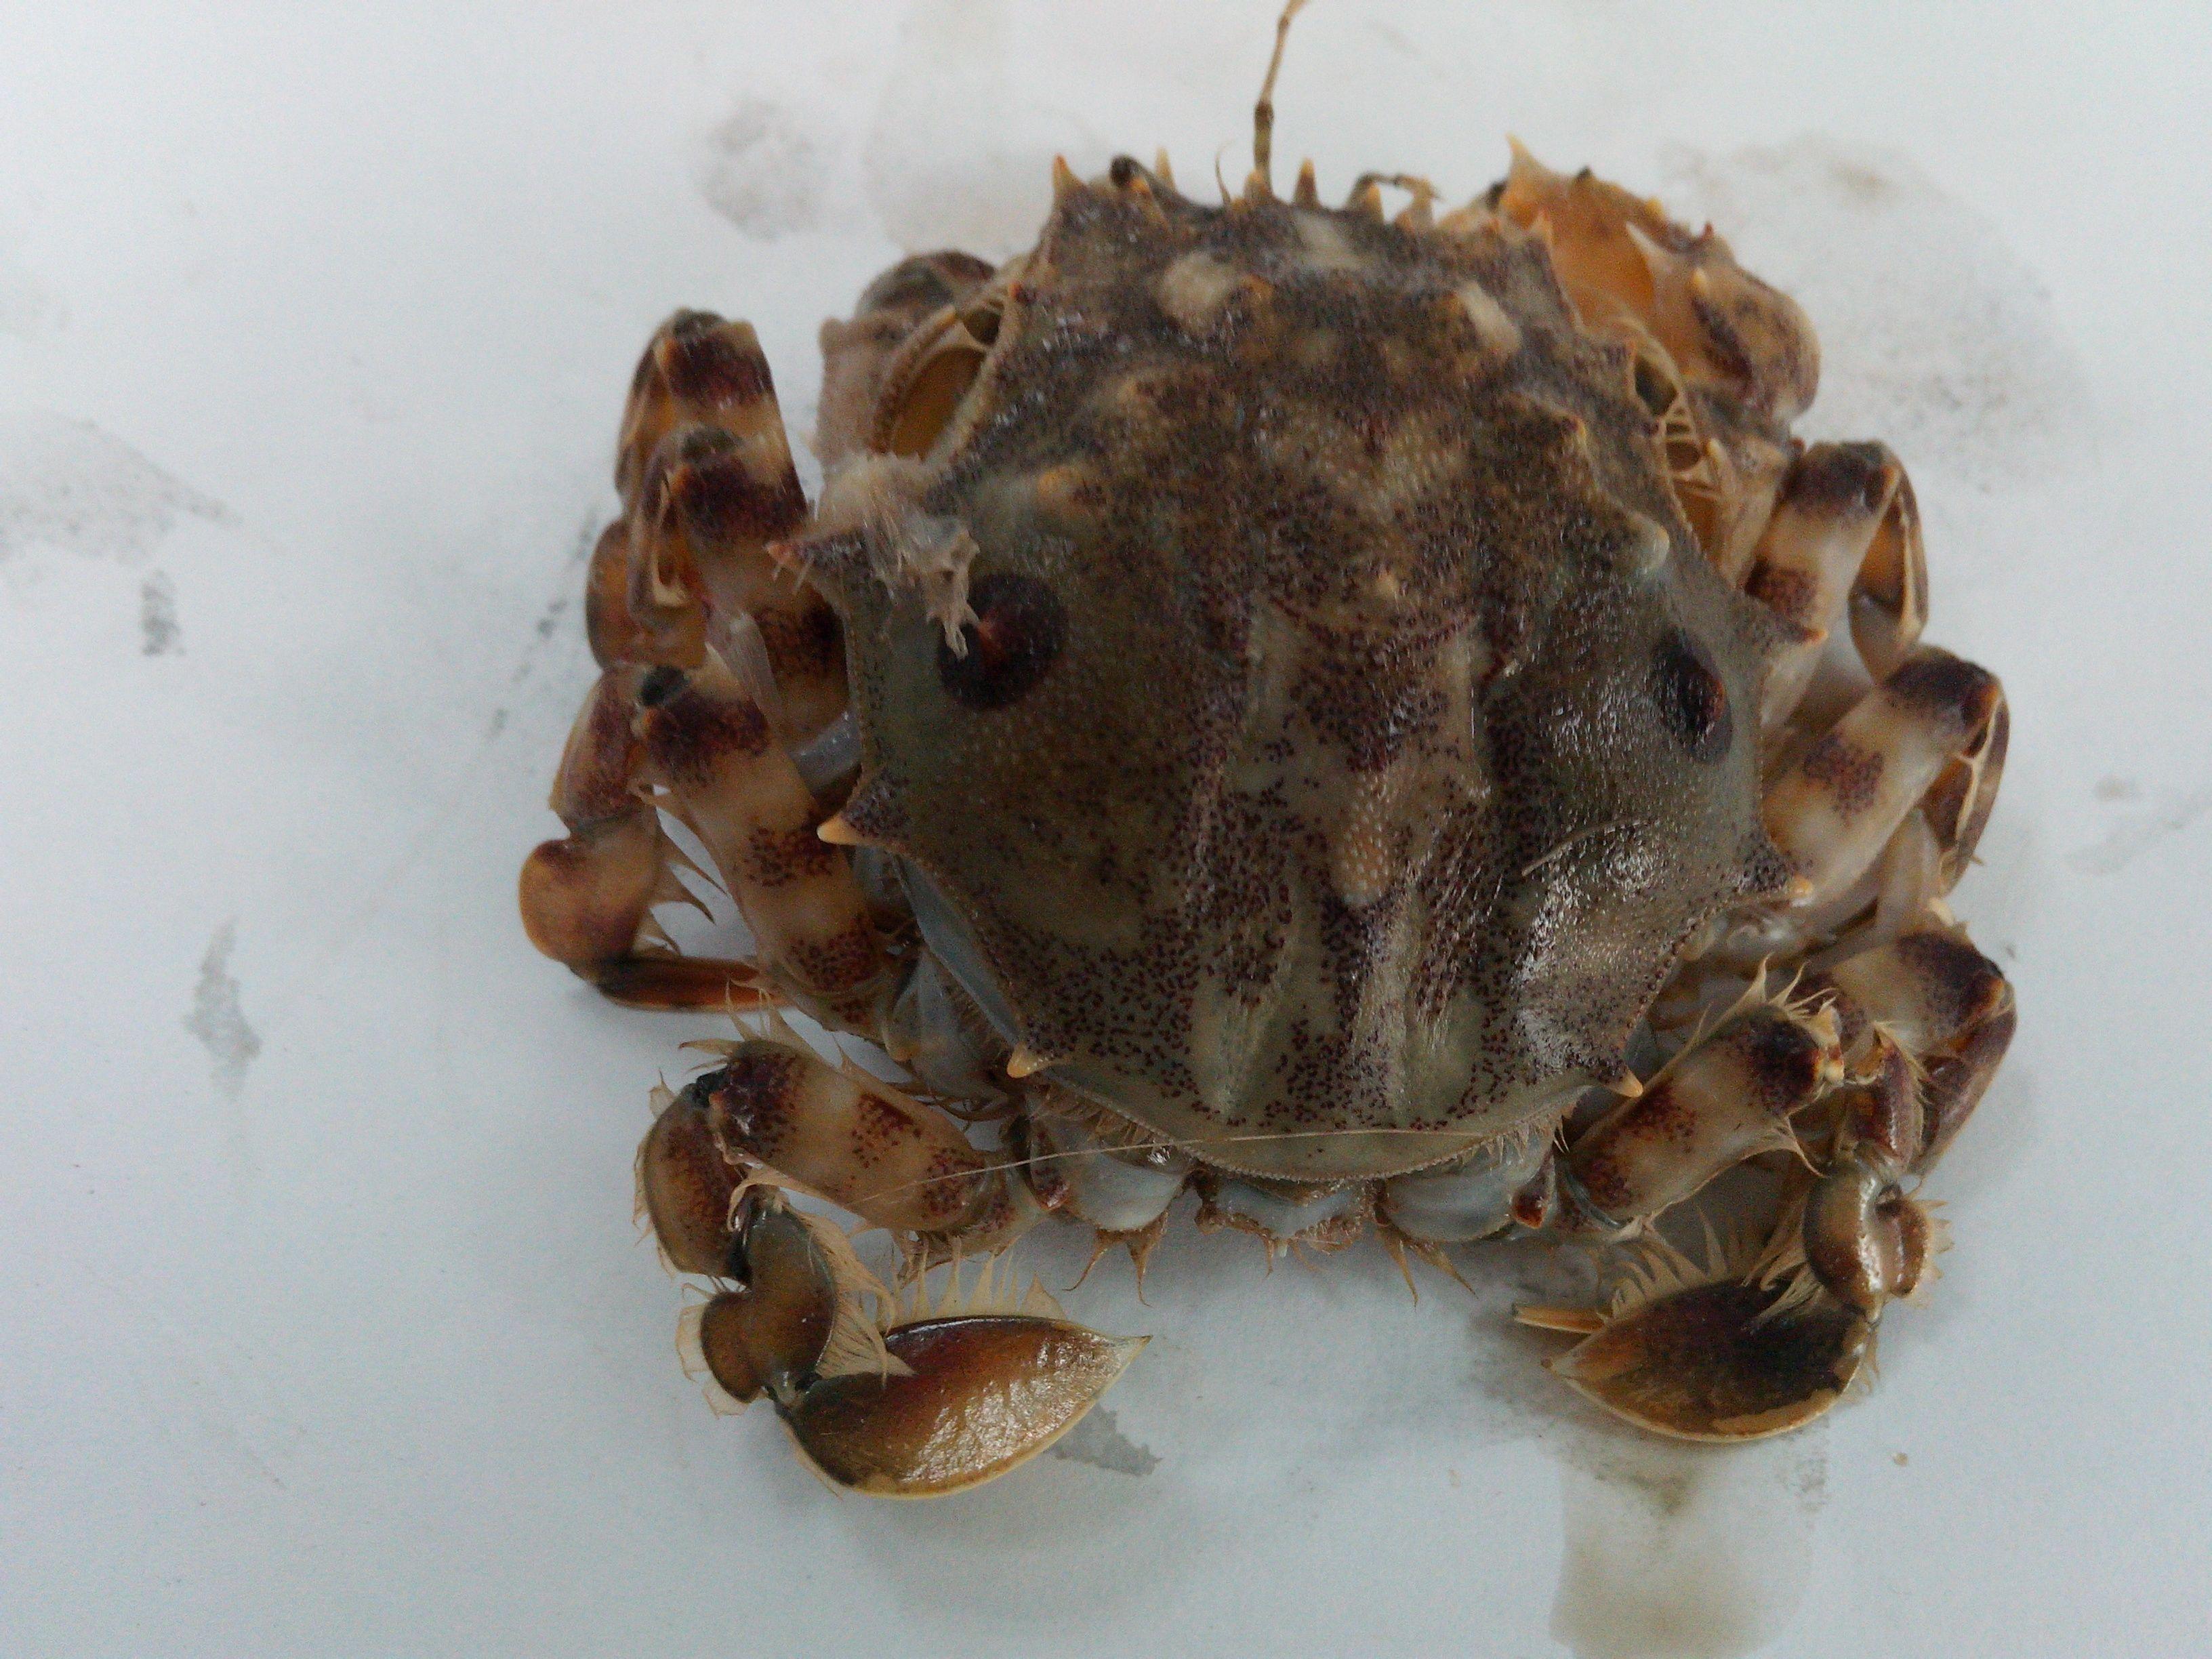 这个是什么螃蟹?学名?图片